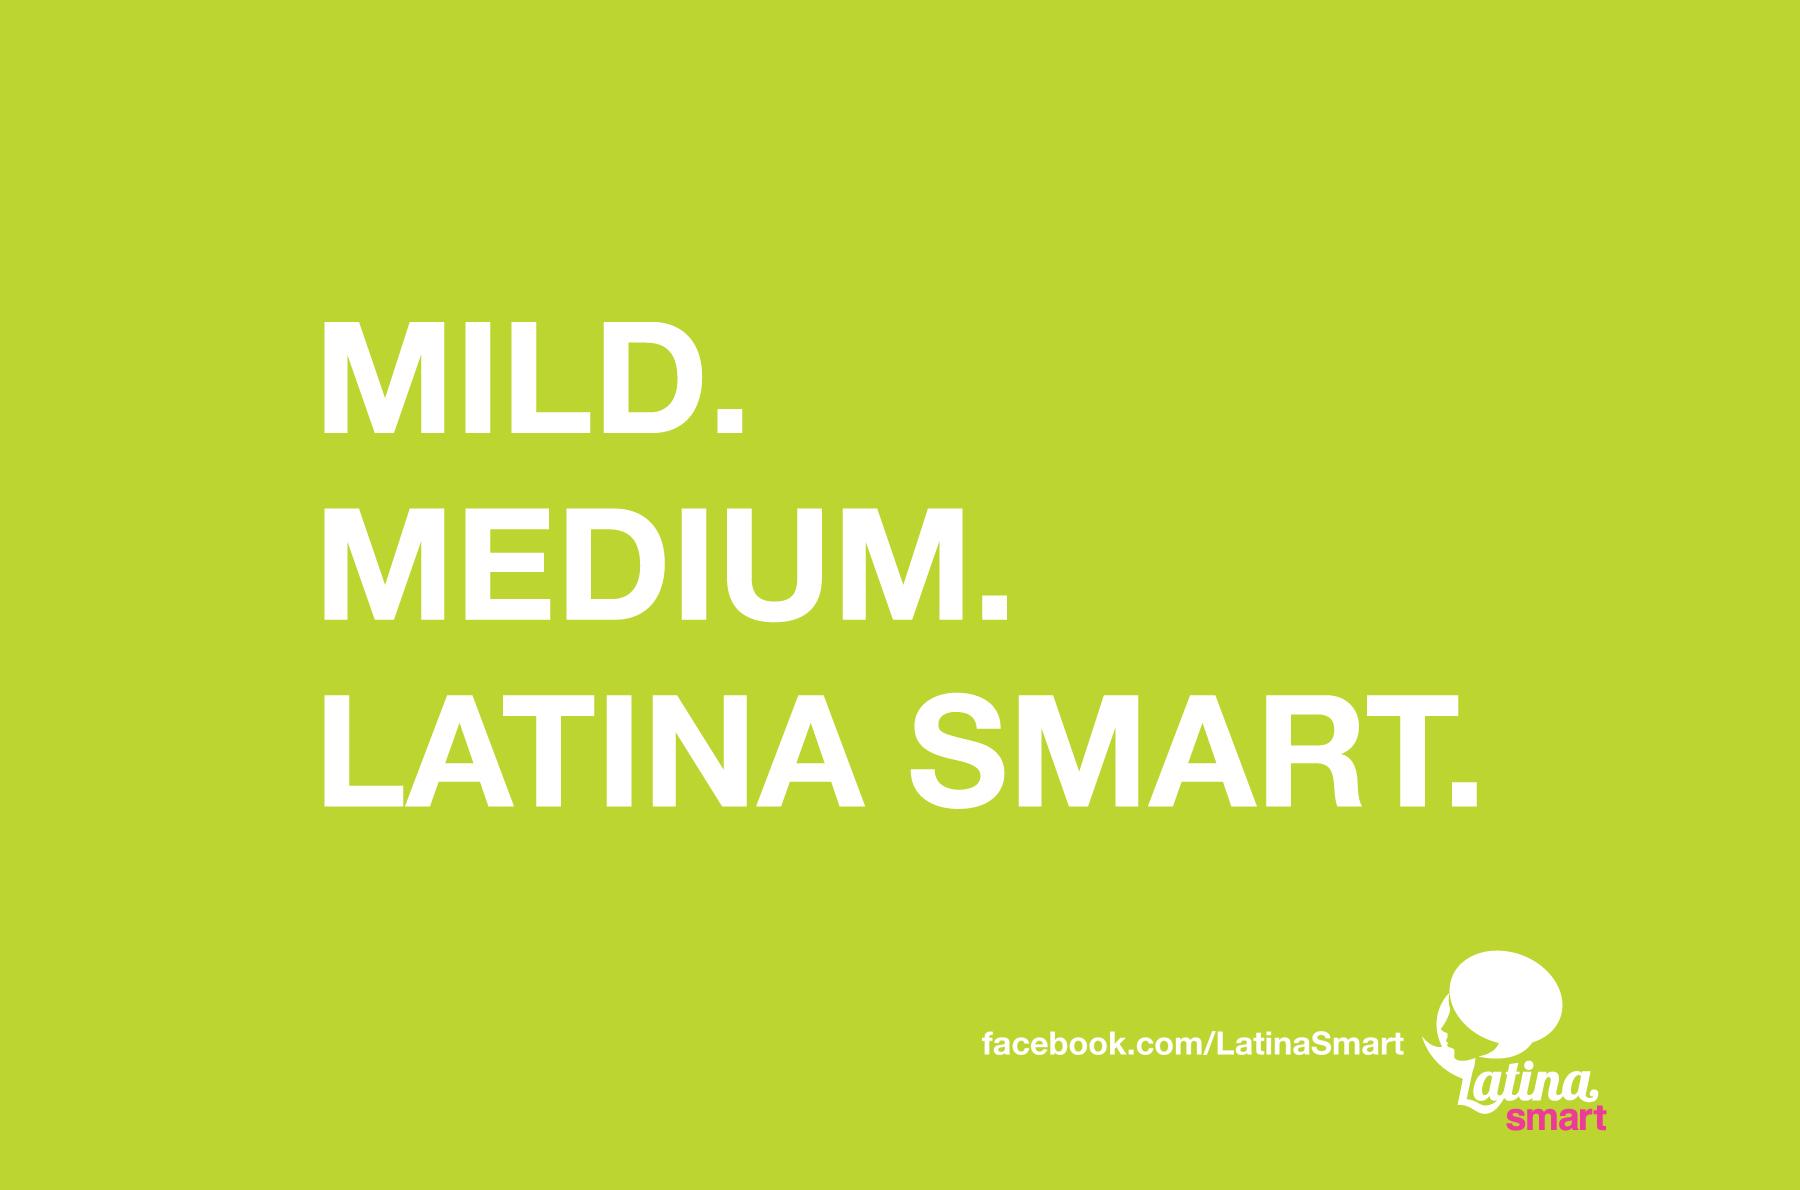 Latina quote #1